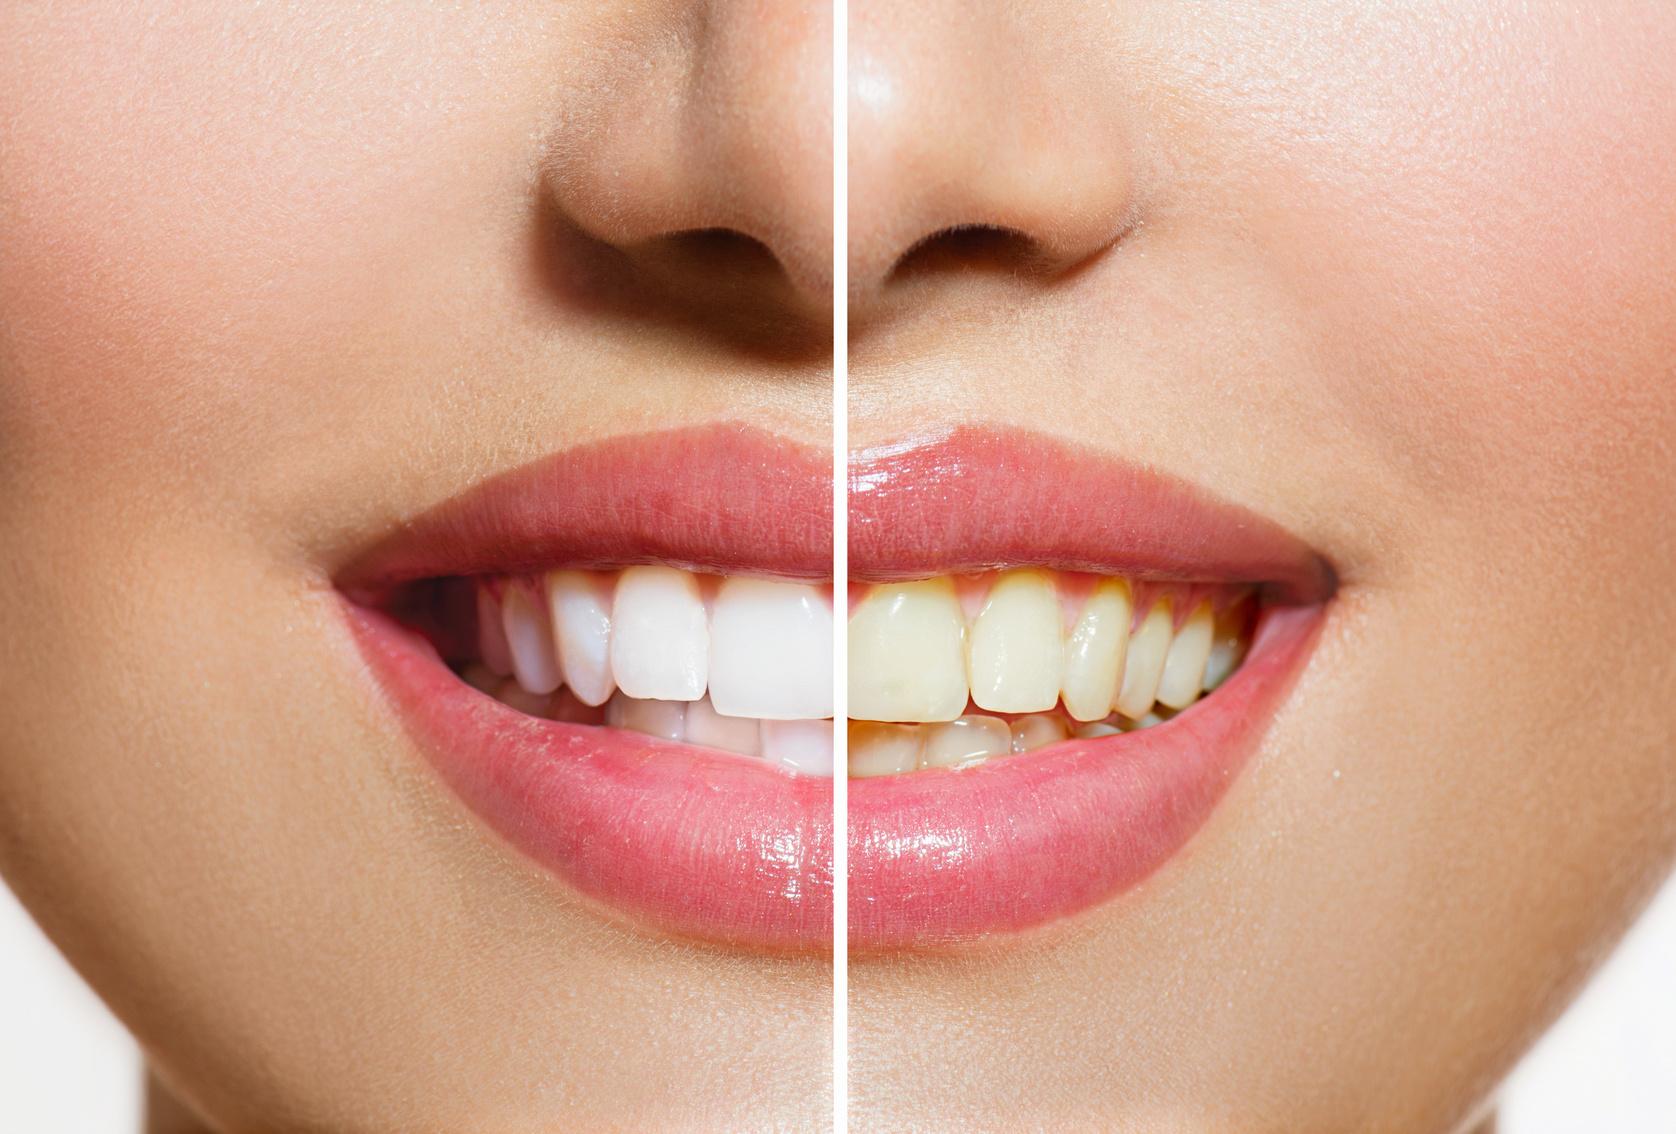 白い歯ってどこから?理想の歯の色って?